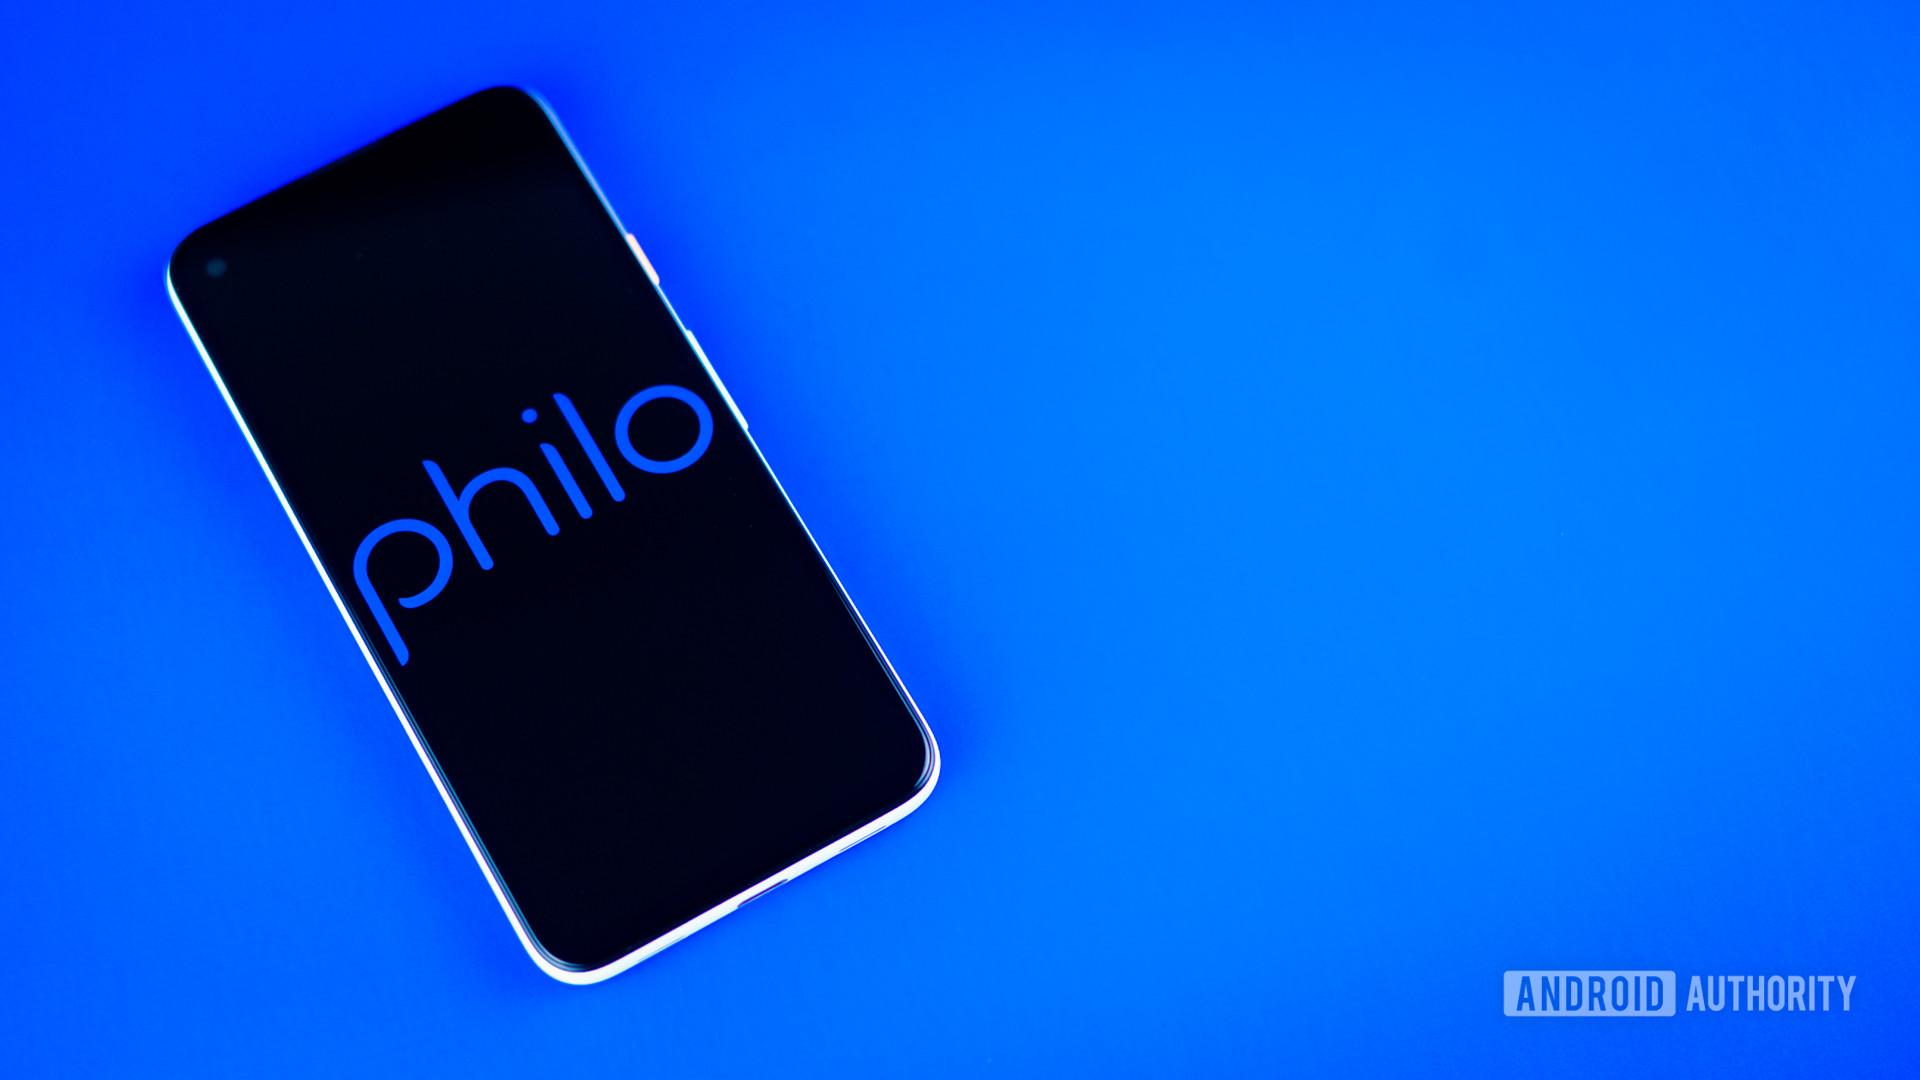 Philo TV stock photo 3